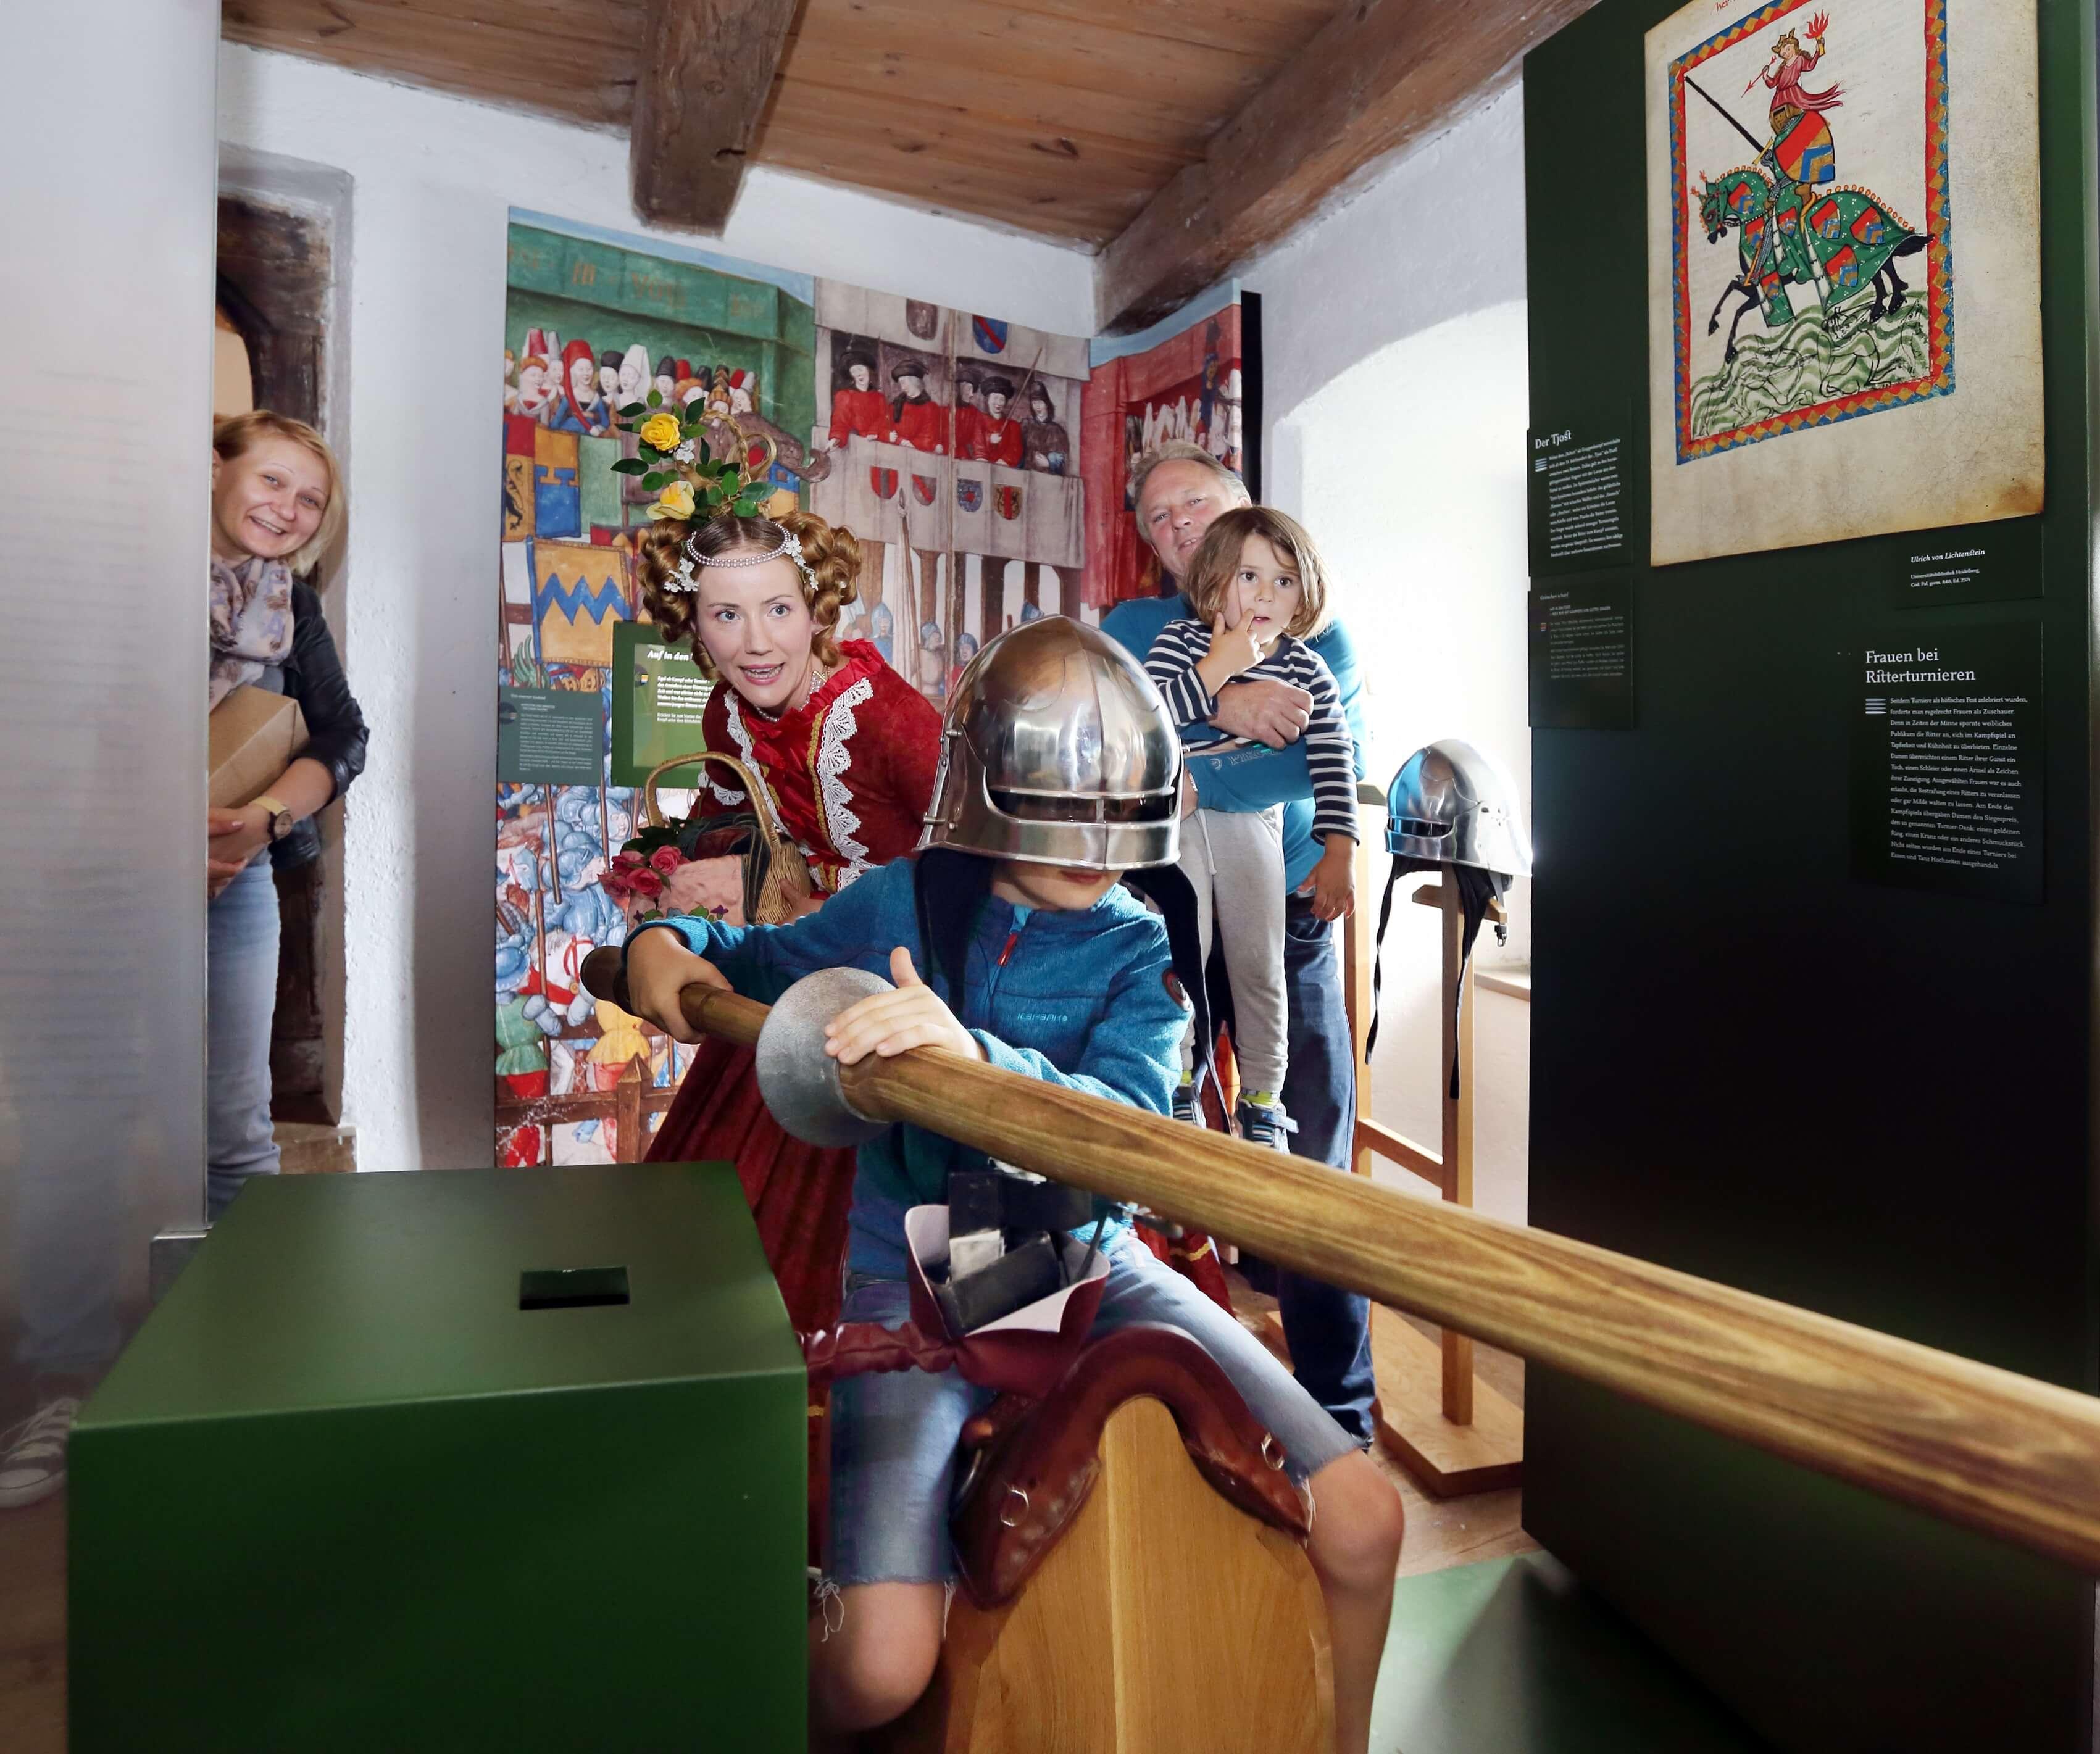 stadtmuseum-junge-bei-virtuellem-turnier